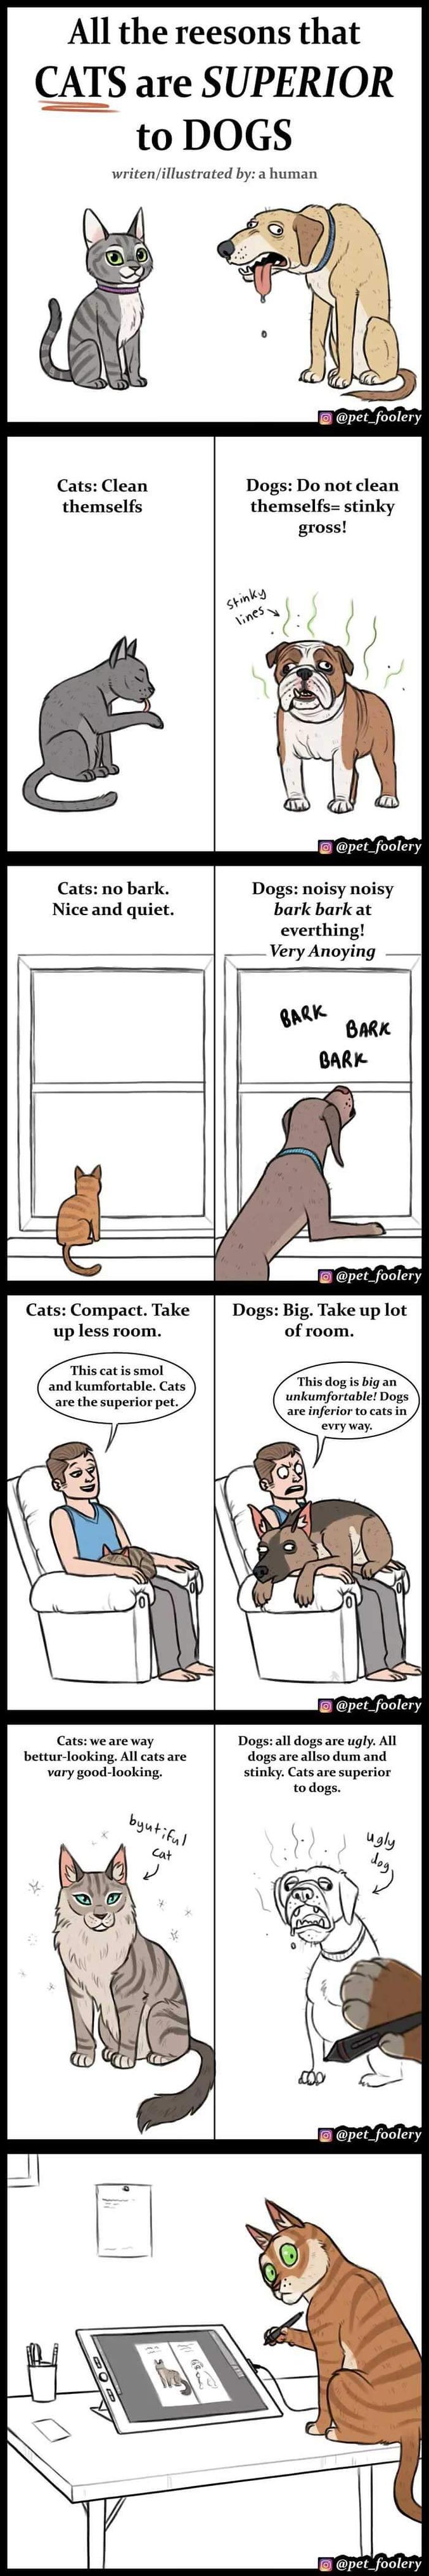 Toutes les raisons pour lesquelles les chats sont supérieurs aux chiens. Écrit et dessiné par : un humain.